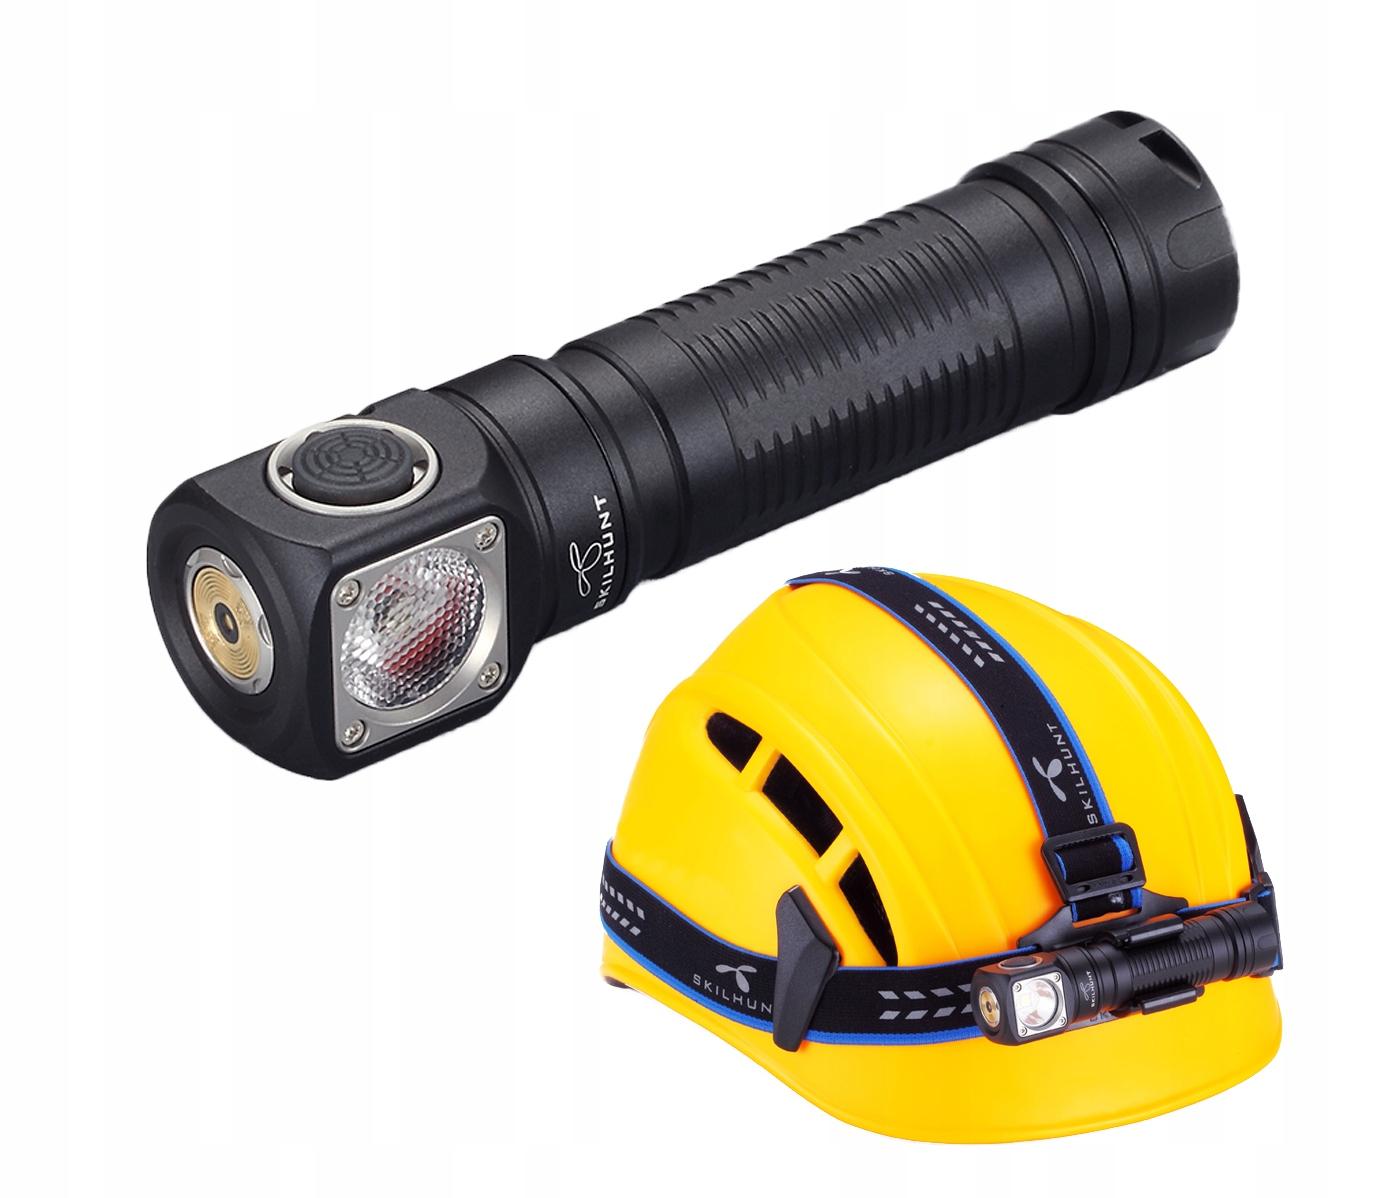 LATARKA CZOŁOWA LED SKILHUNT H04 RC XM-L2 U4 1200L